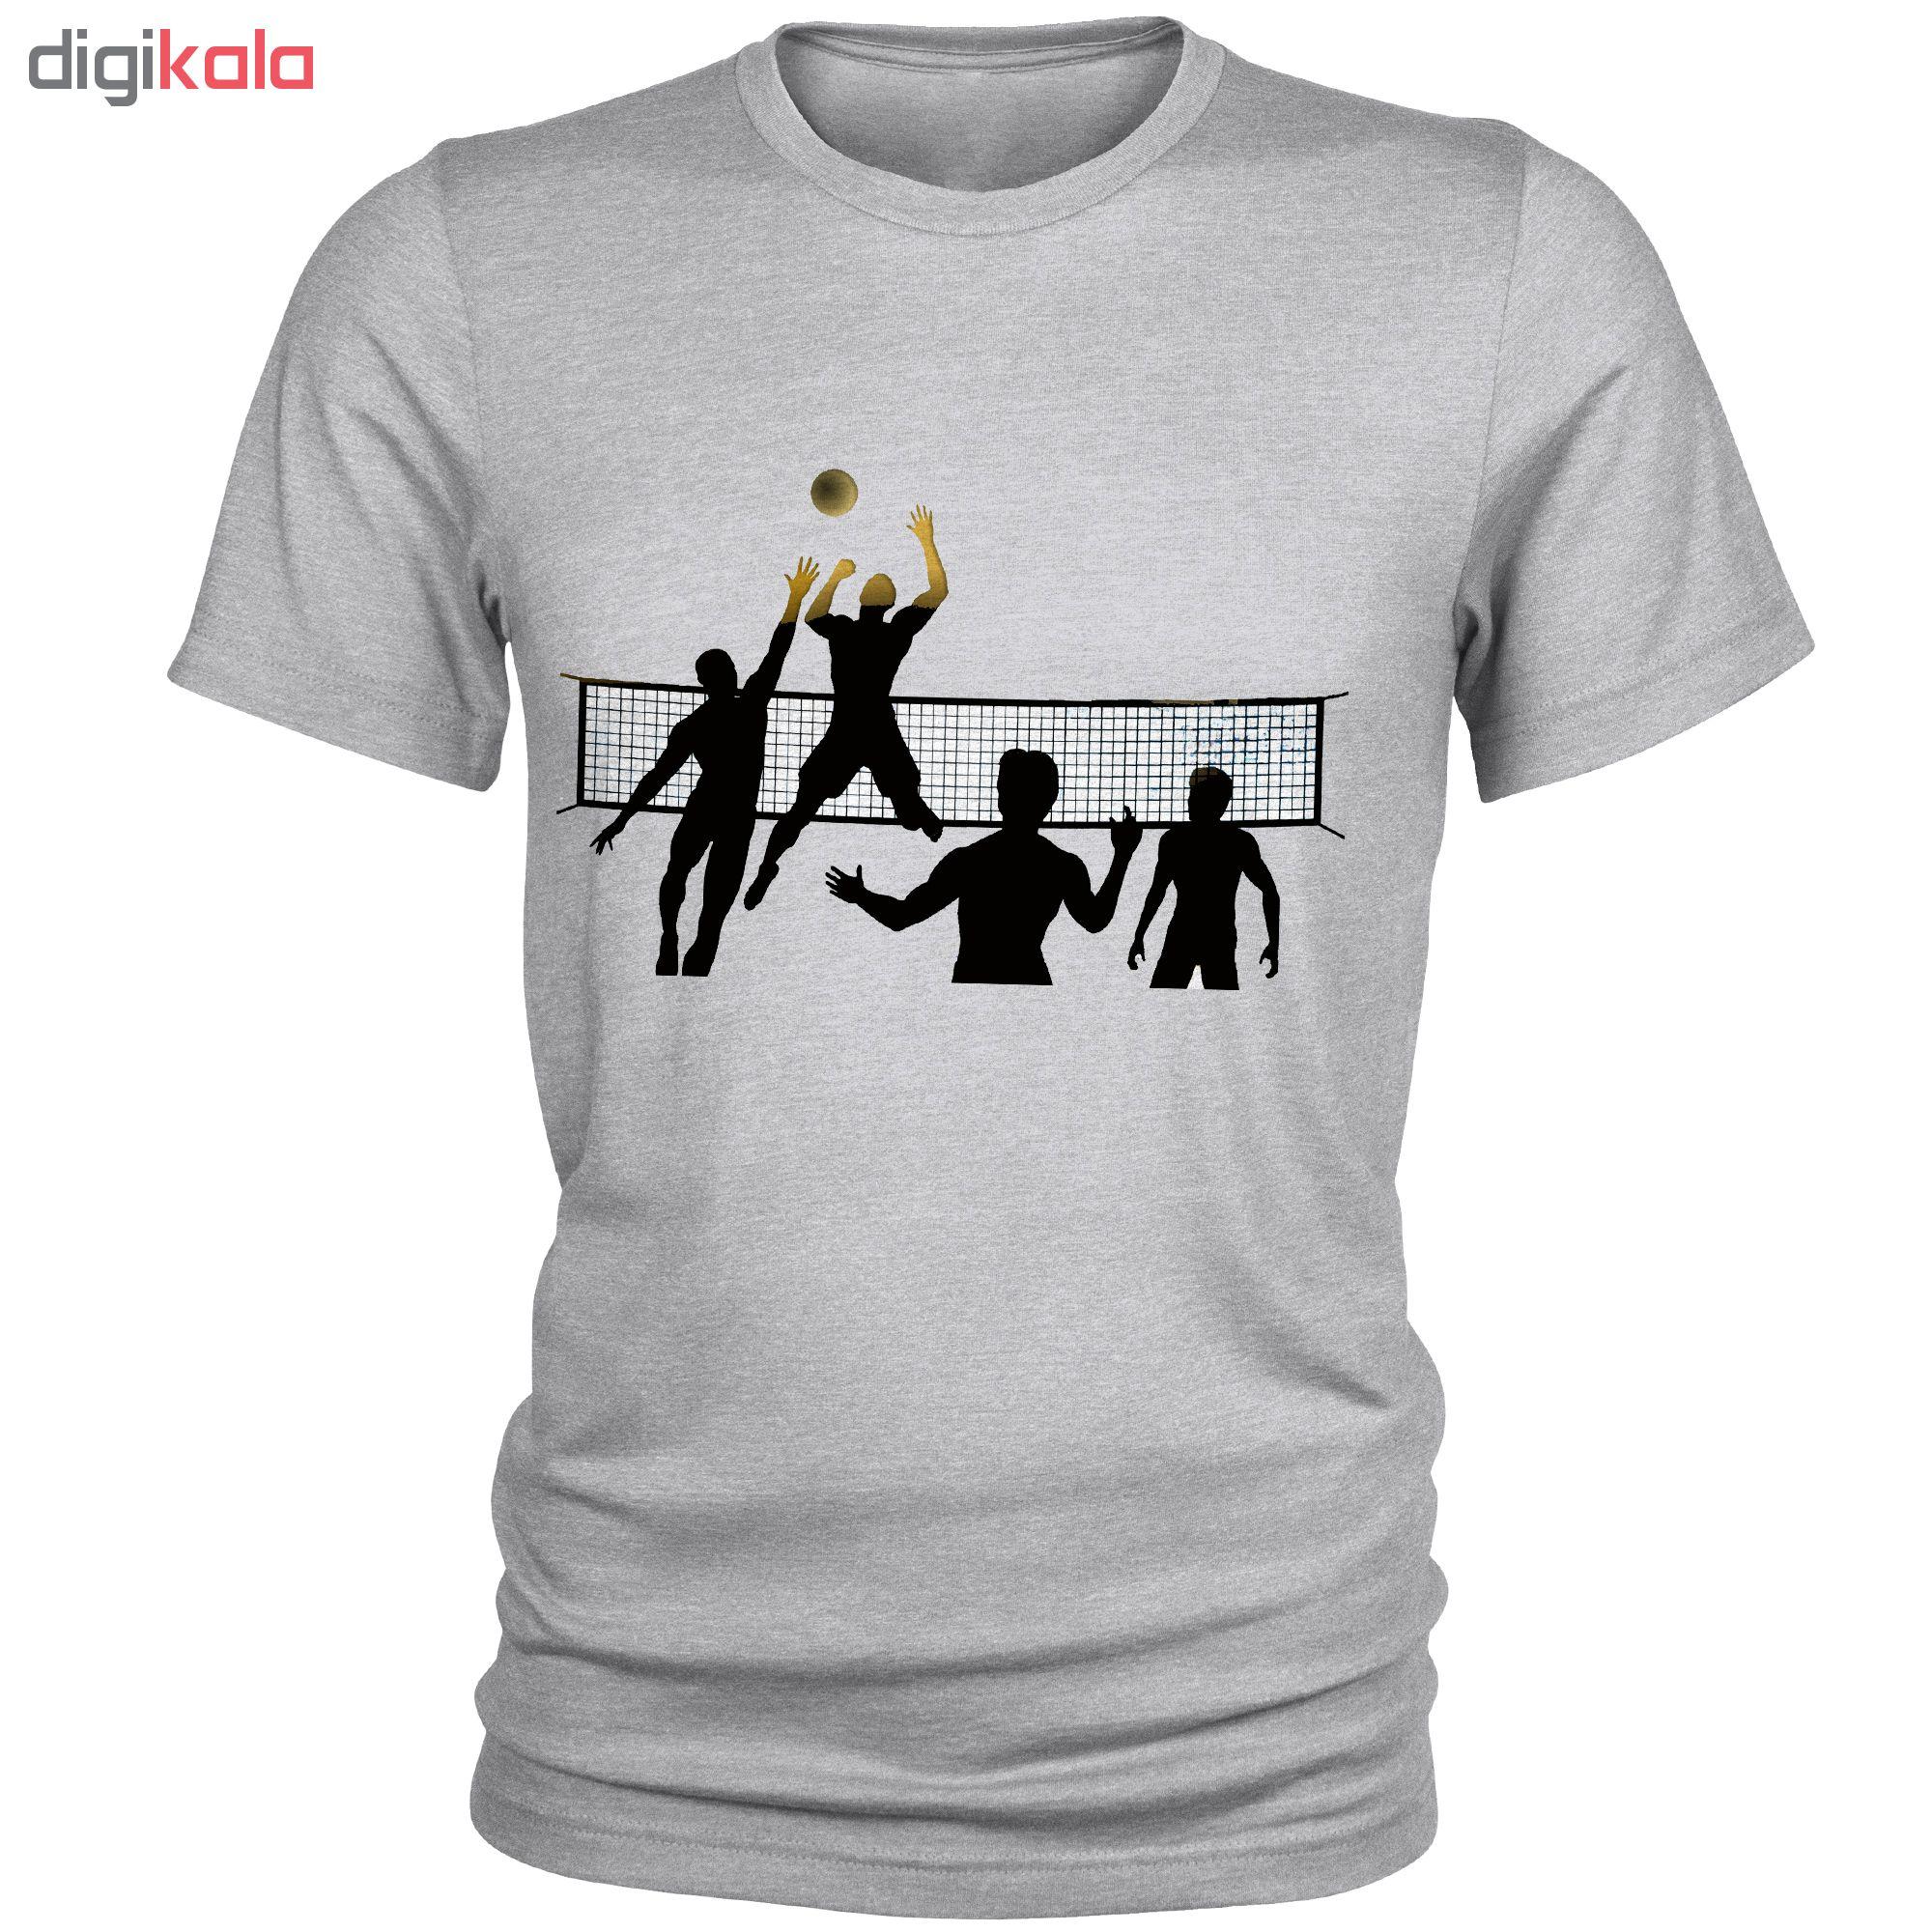 تیشرت مردانه طرح والیبال کد C05